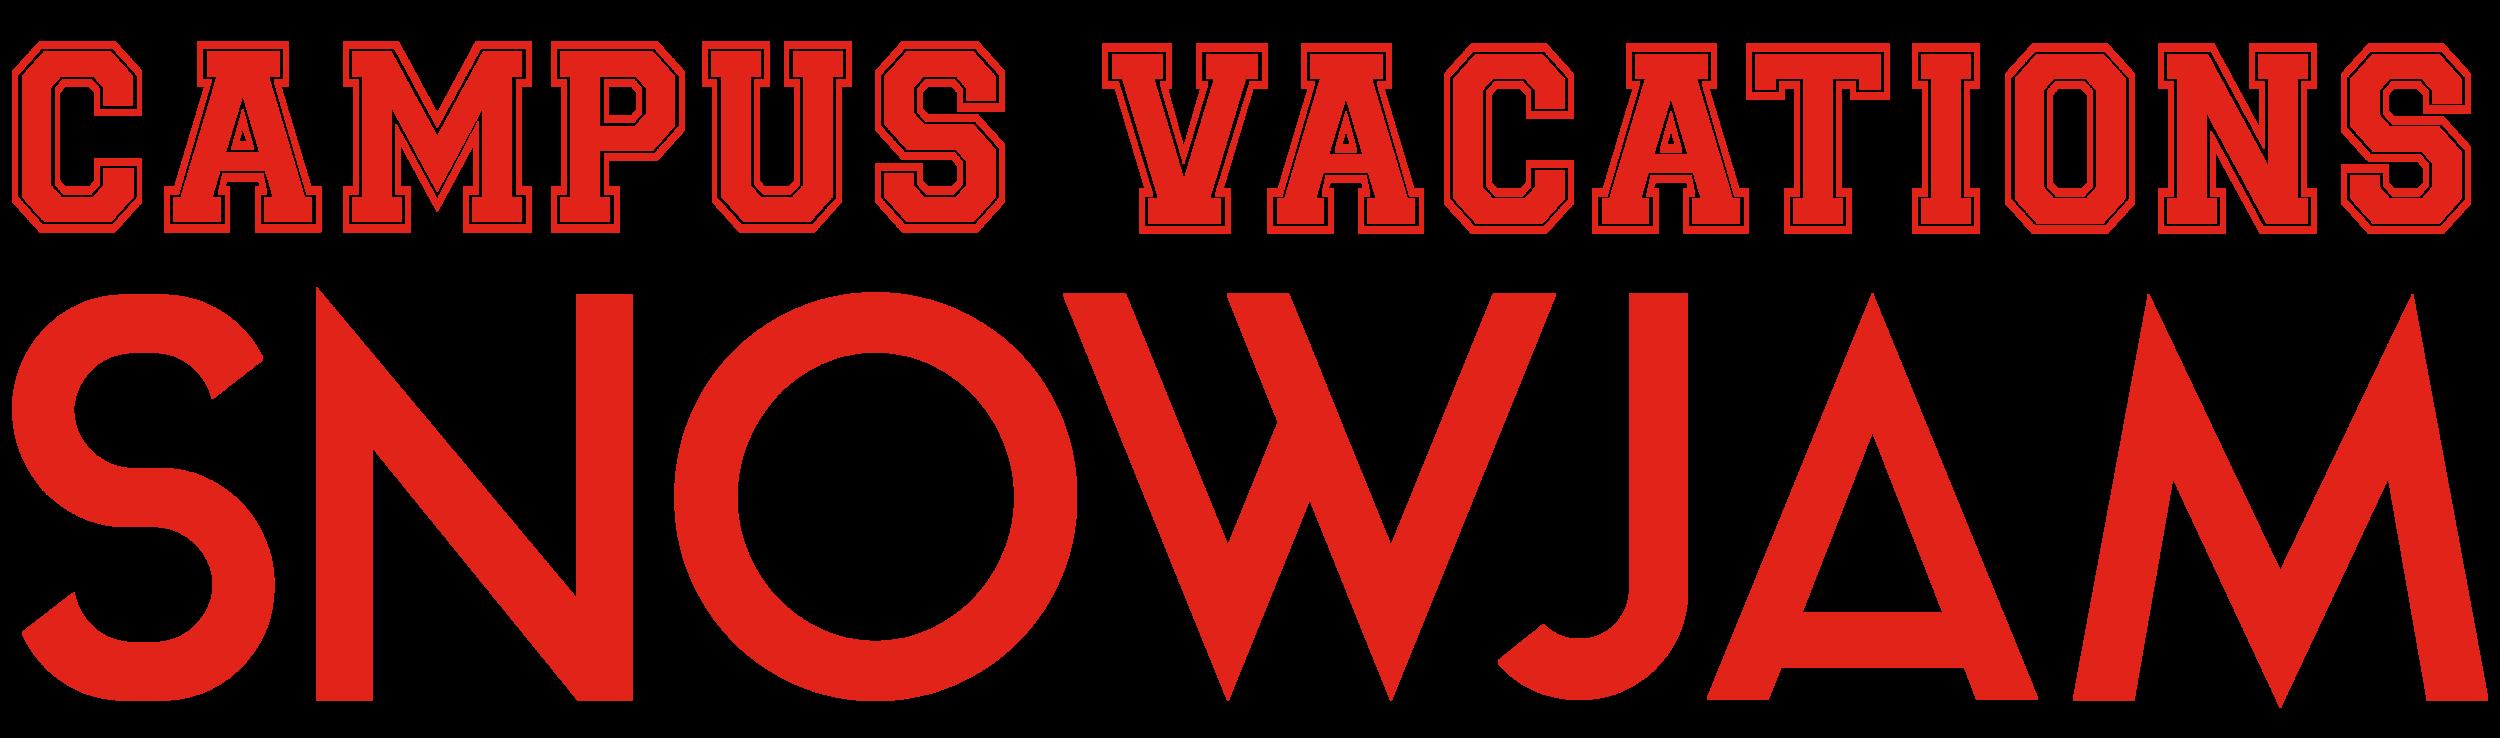 Campus-vacations-snowjam-logo.jpg